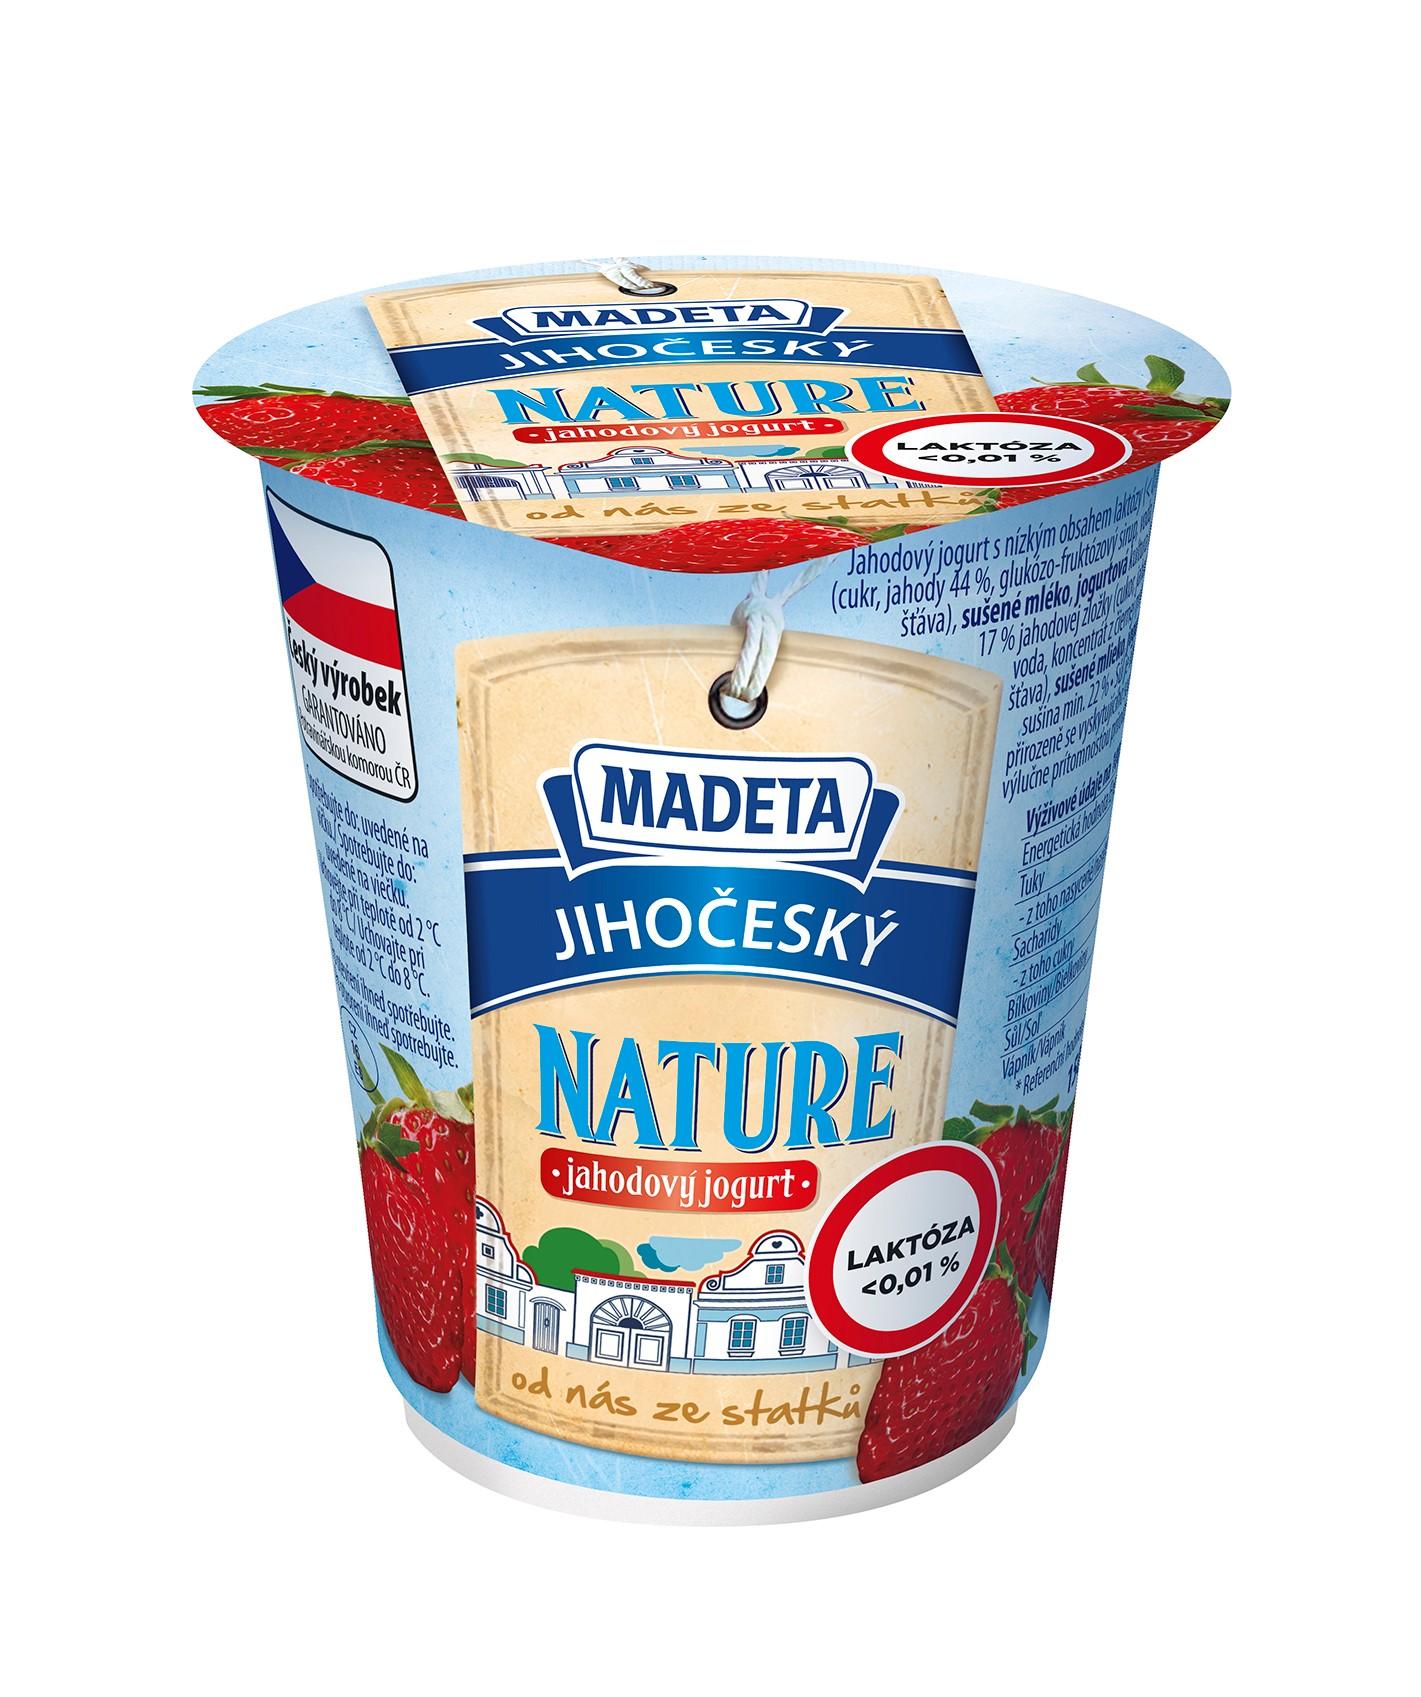 Značka Jihočeský jogurt nature jahodový s nízkým obsahem laktózy